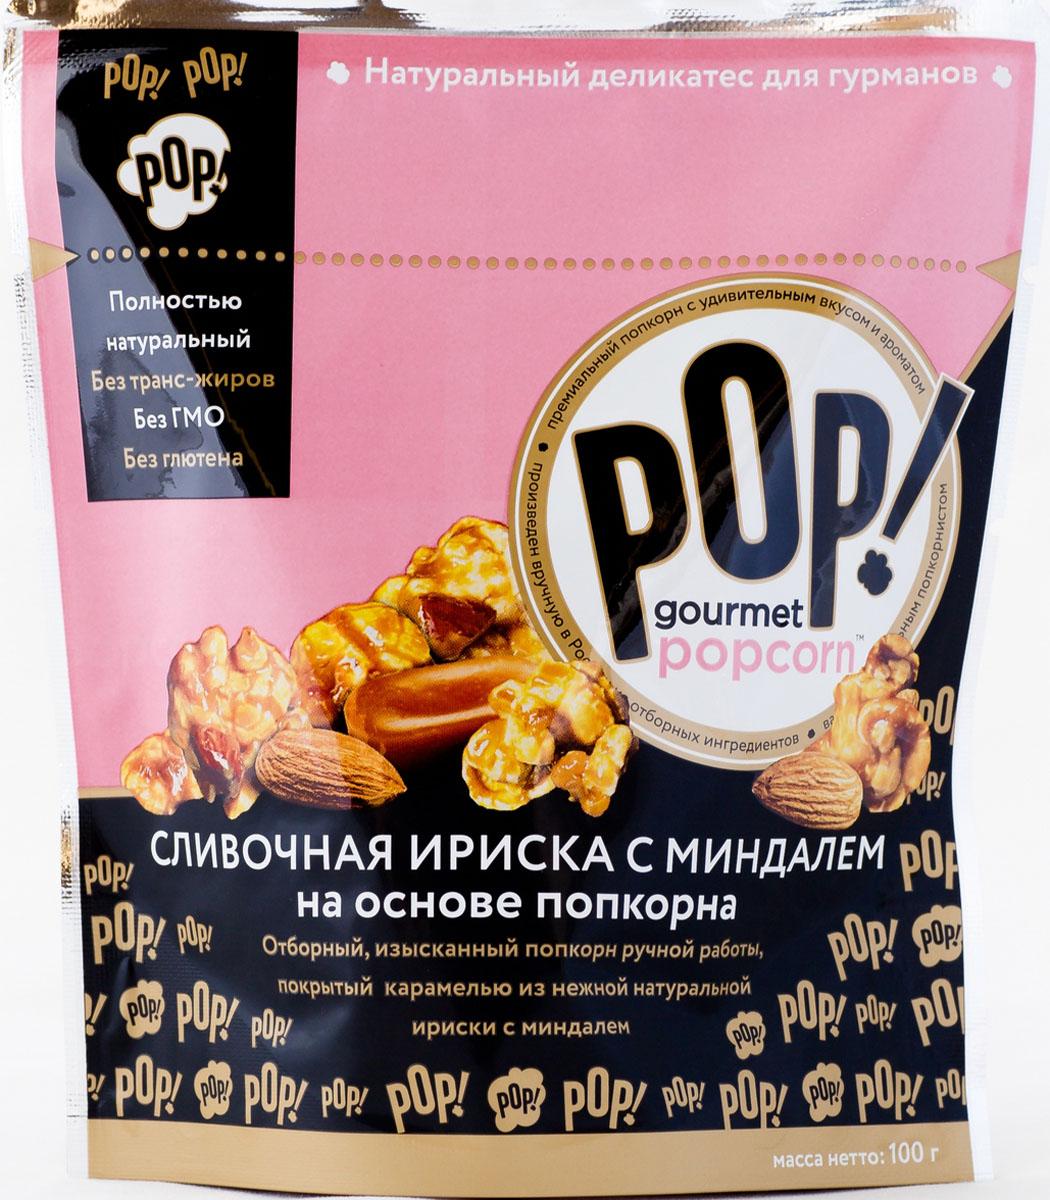 POP! Gourmet Popcorn сливочная ириска с миндалем на основе попкорна, 100 г popcorn hour с 200